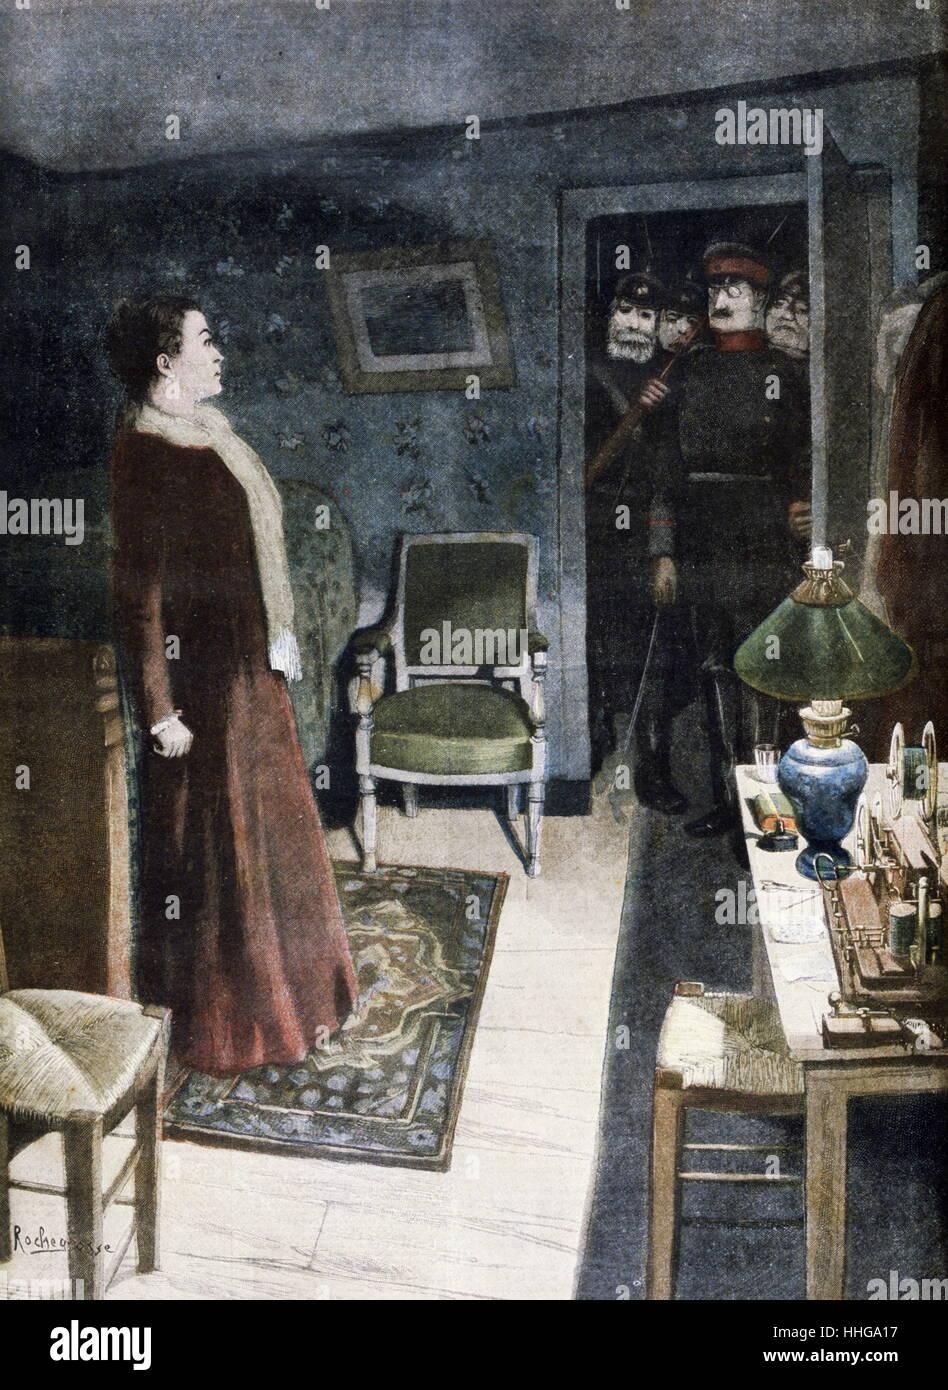 Legendäre Heldin Juliette Dodu (1848 ? 1909) von der deutsch-französischen Krieg von 1870 Stockbild